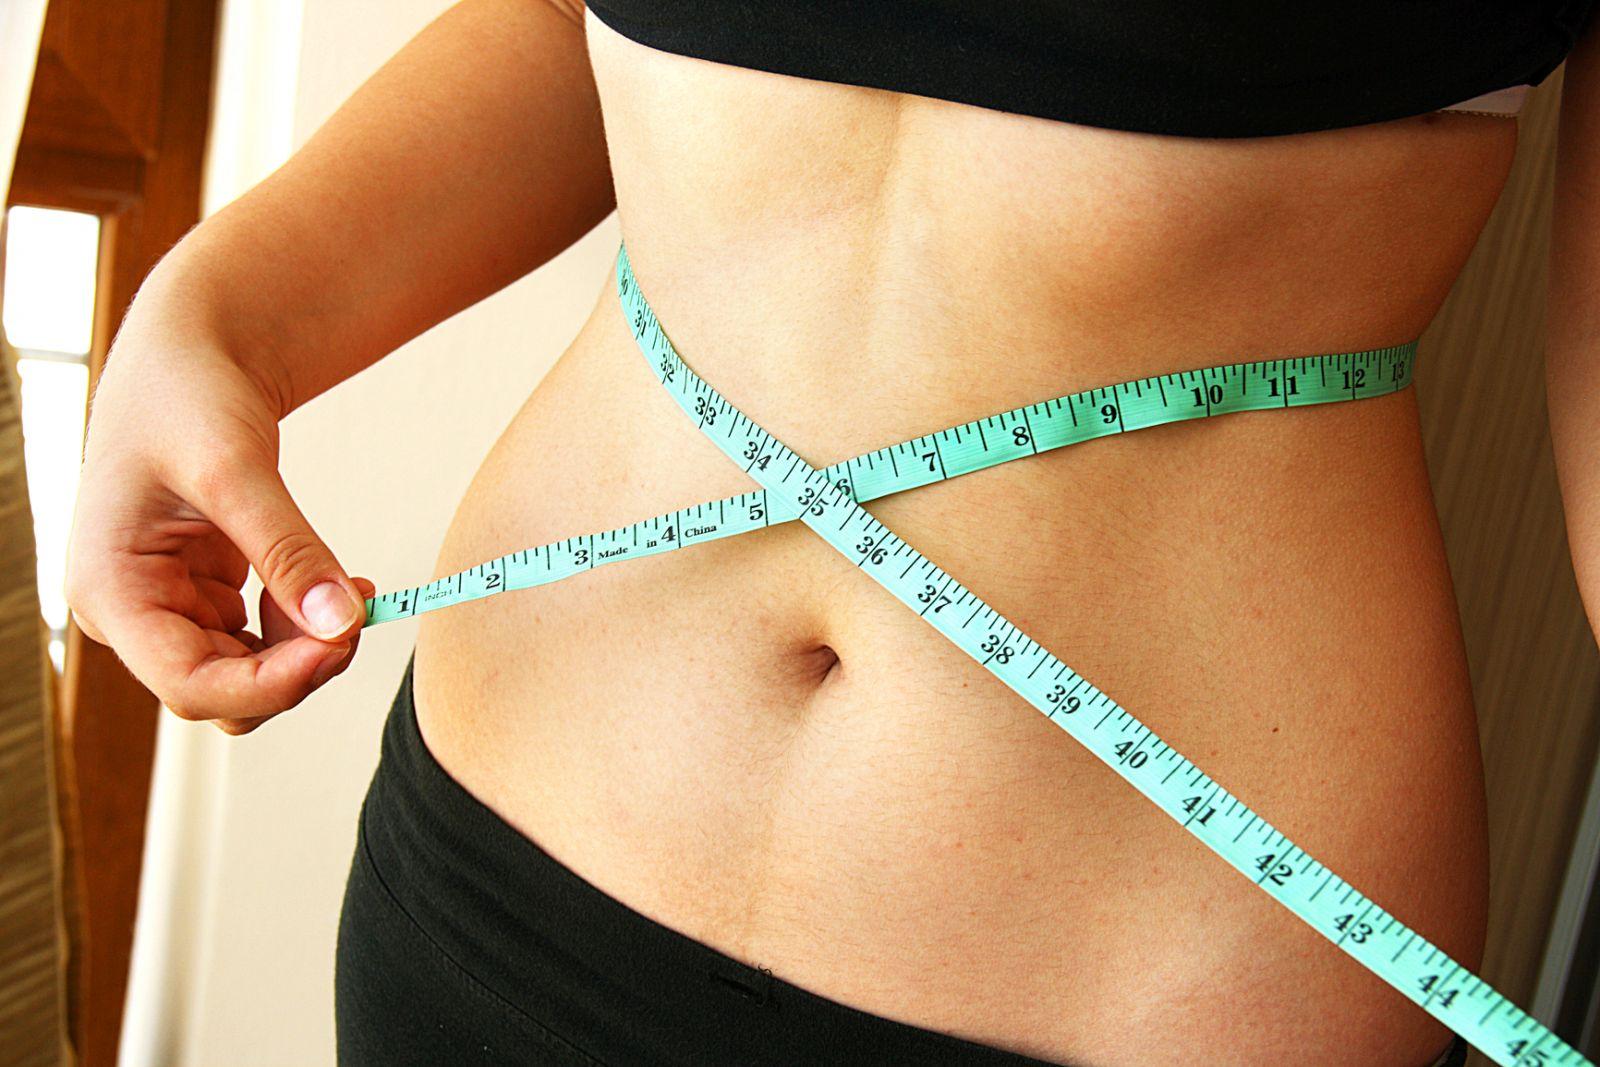 10 лучших способов похудения в домашних условиях. ТОП 10 53